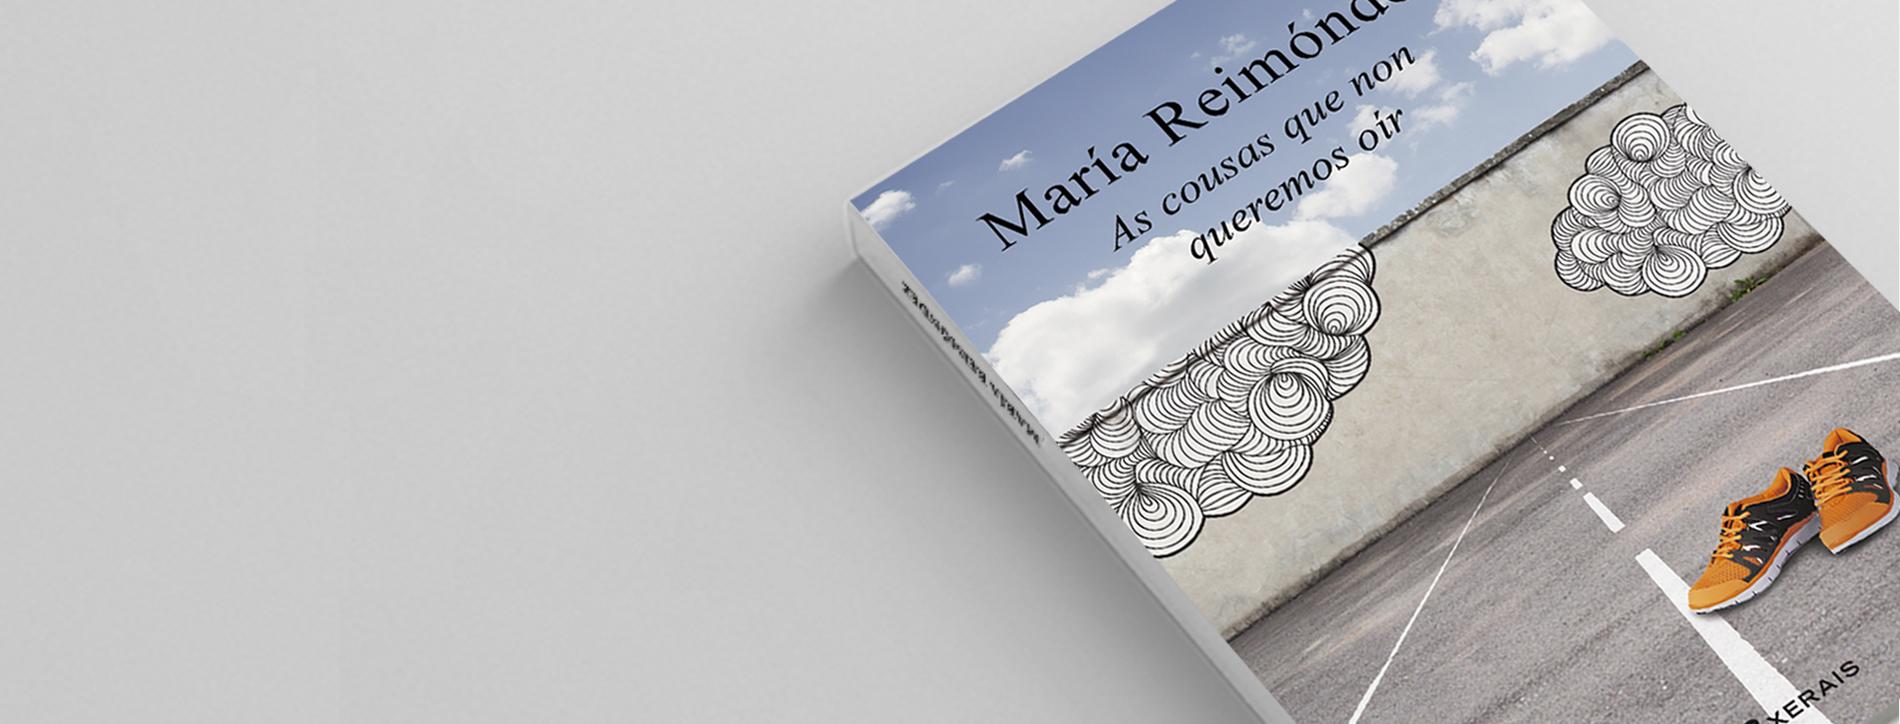 «AS COUSAS QUE NON QUEREMOS OÍR» BY MARÍA REIMÓNDEZ